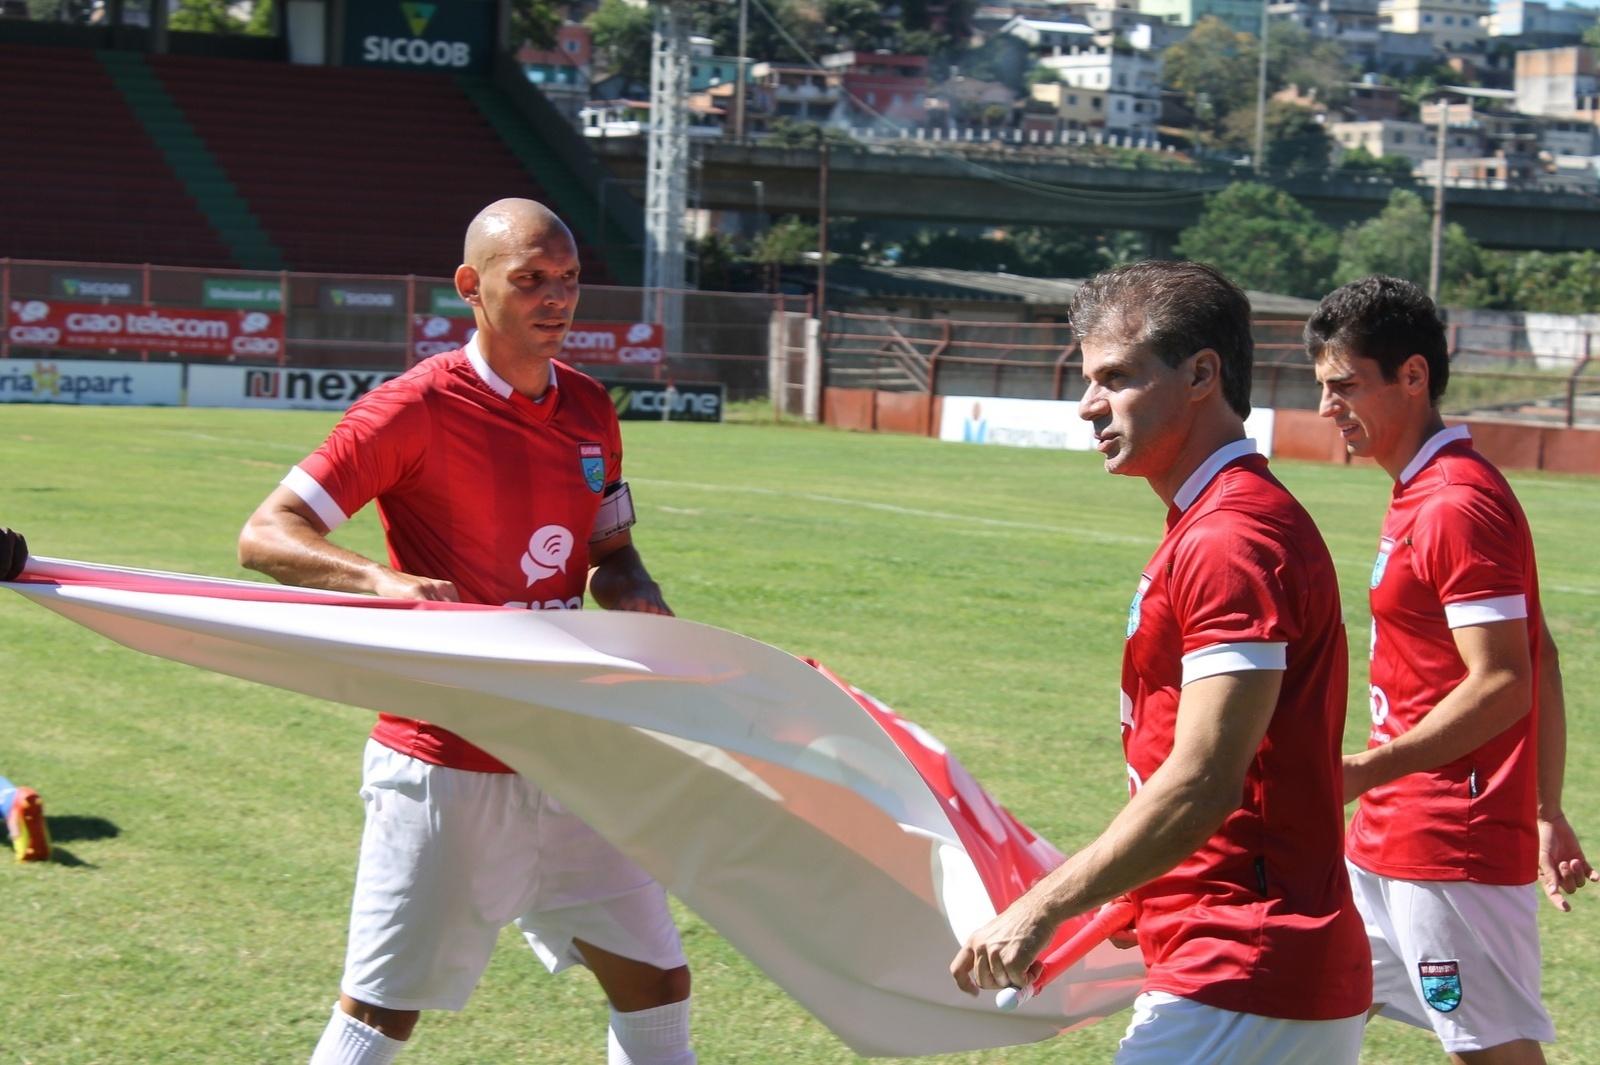 24.ago.2013 - Túlio Maravilha entra em campo pelo Vilavelhense no jogo em que anotou seu 999º gol